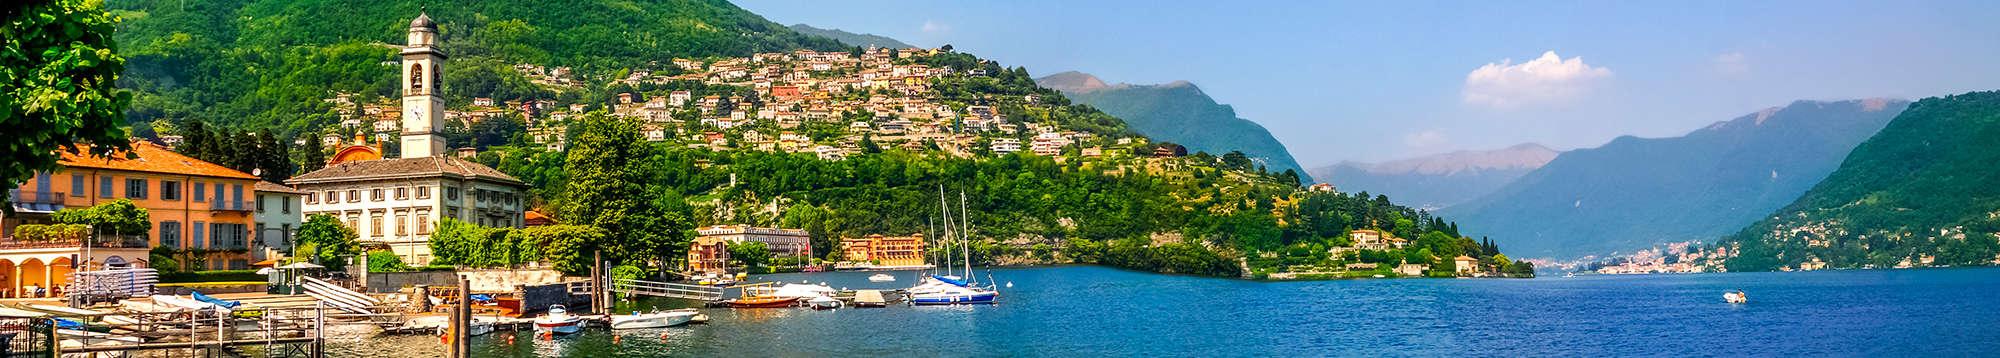 Week end e soggiorni al Lago di Como